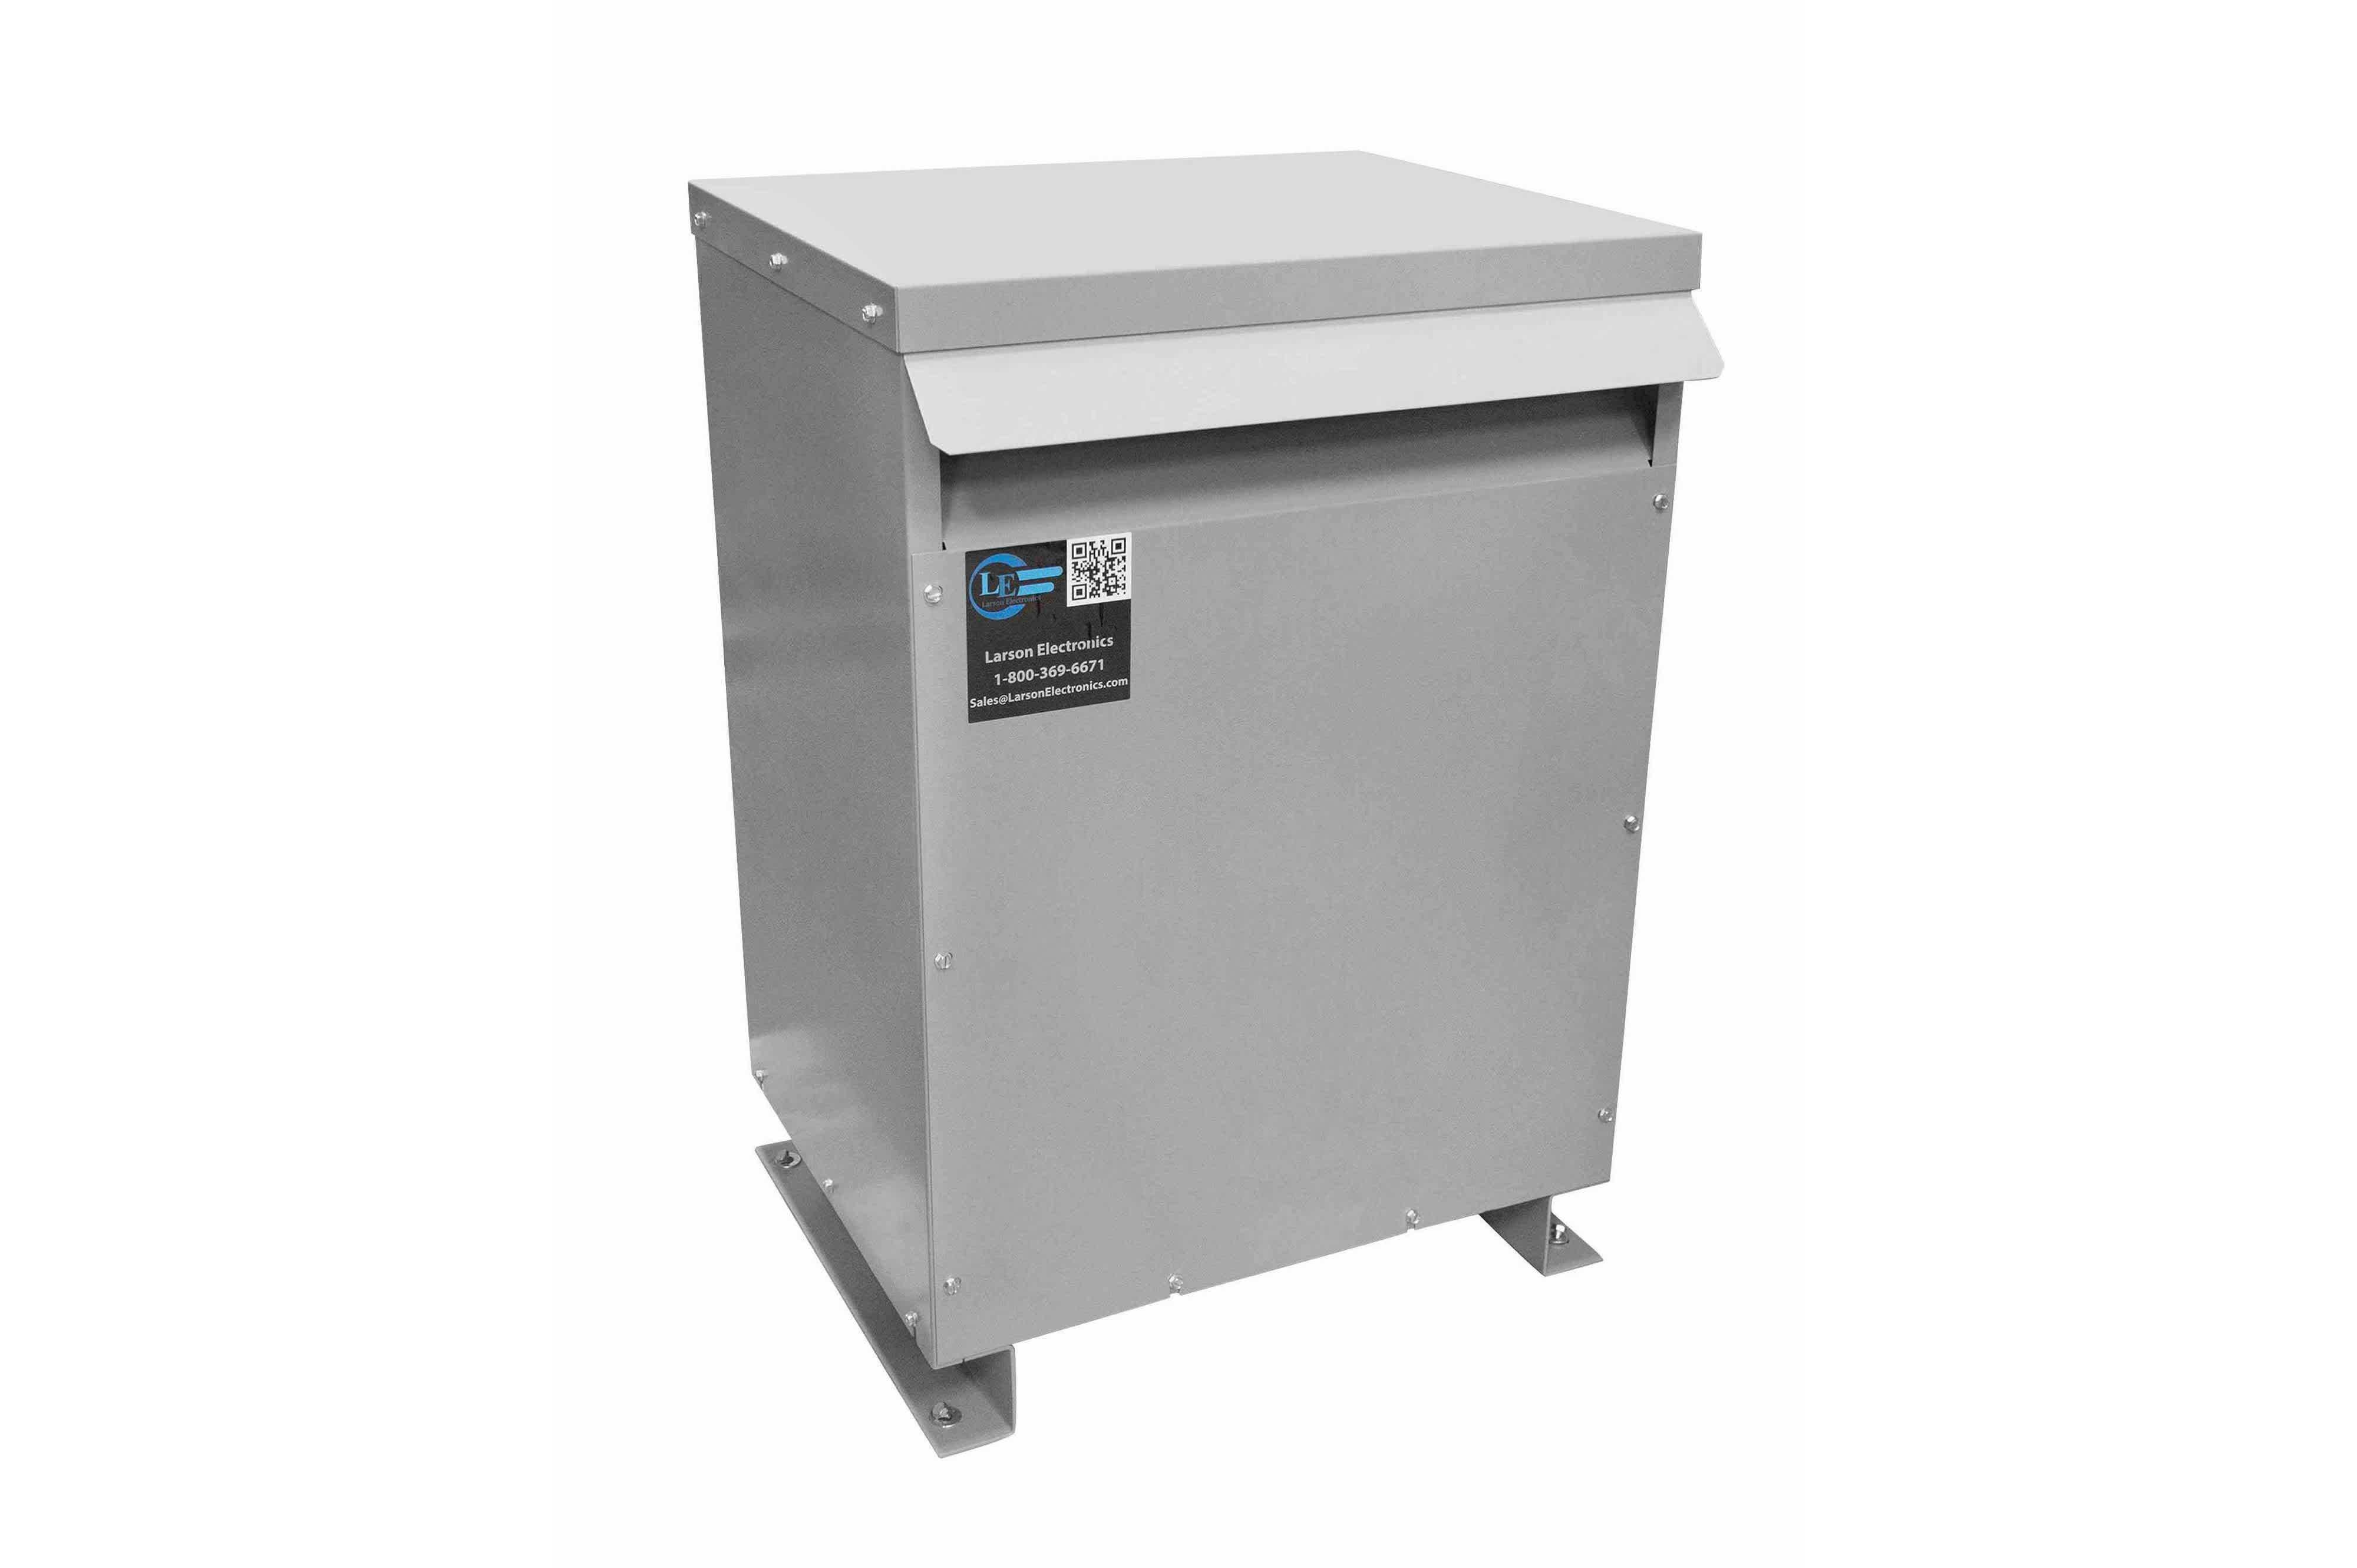 27 kVA 3PH Isolation Transformer, 230V Delta Primary, 208V Delta Secondary, N3R, Ventilated, 60 Hz